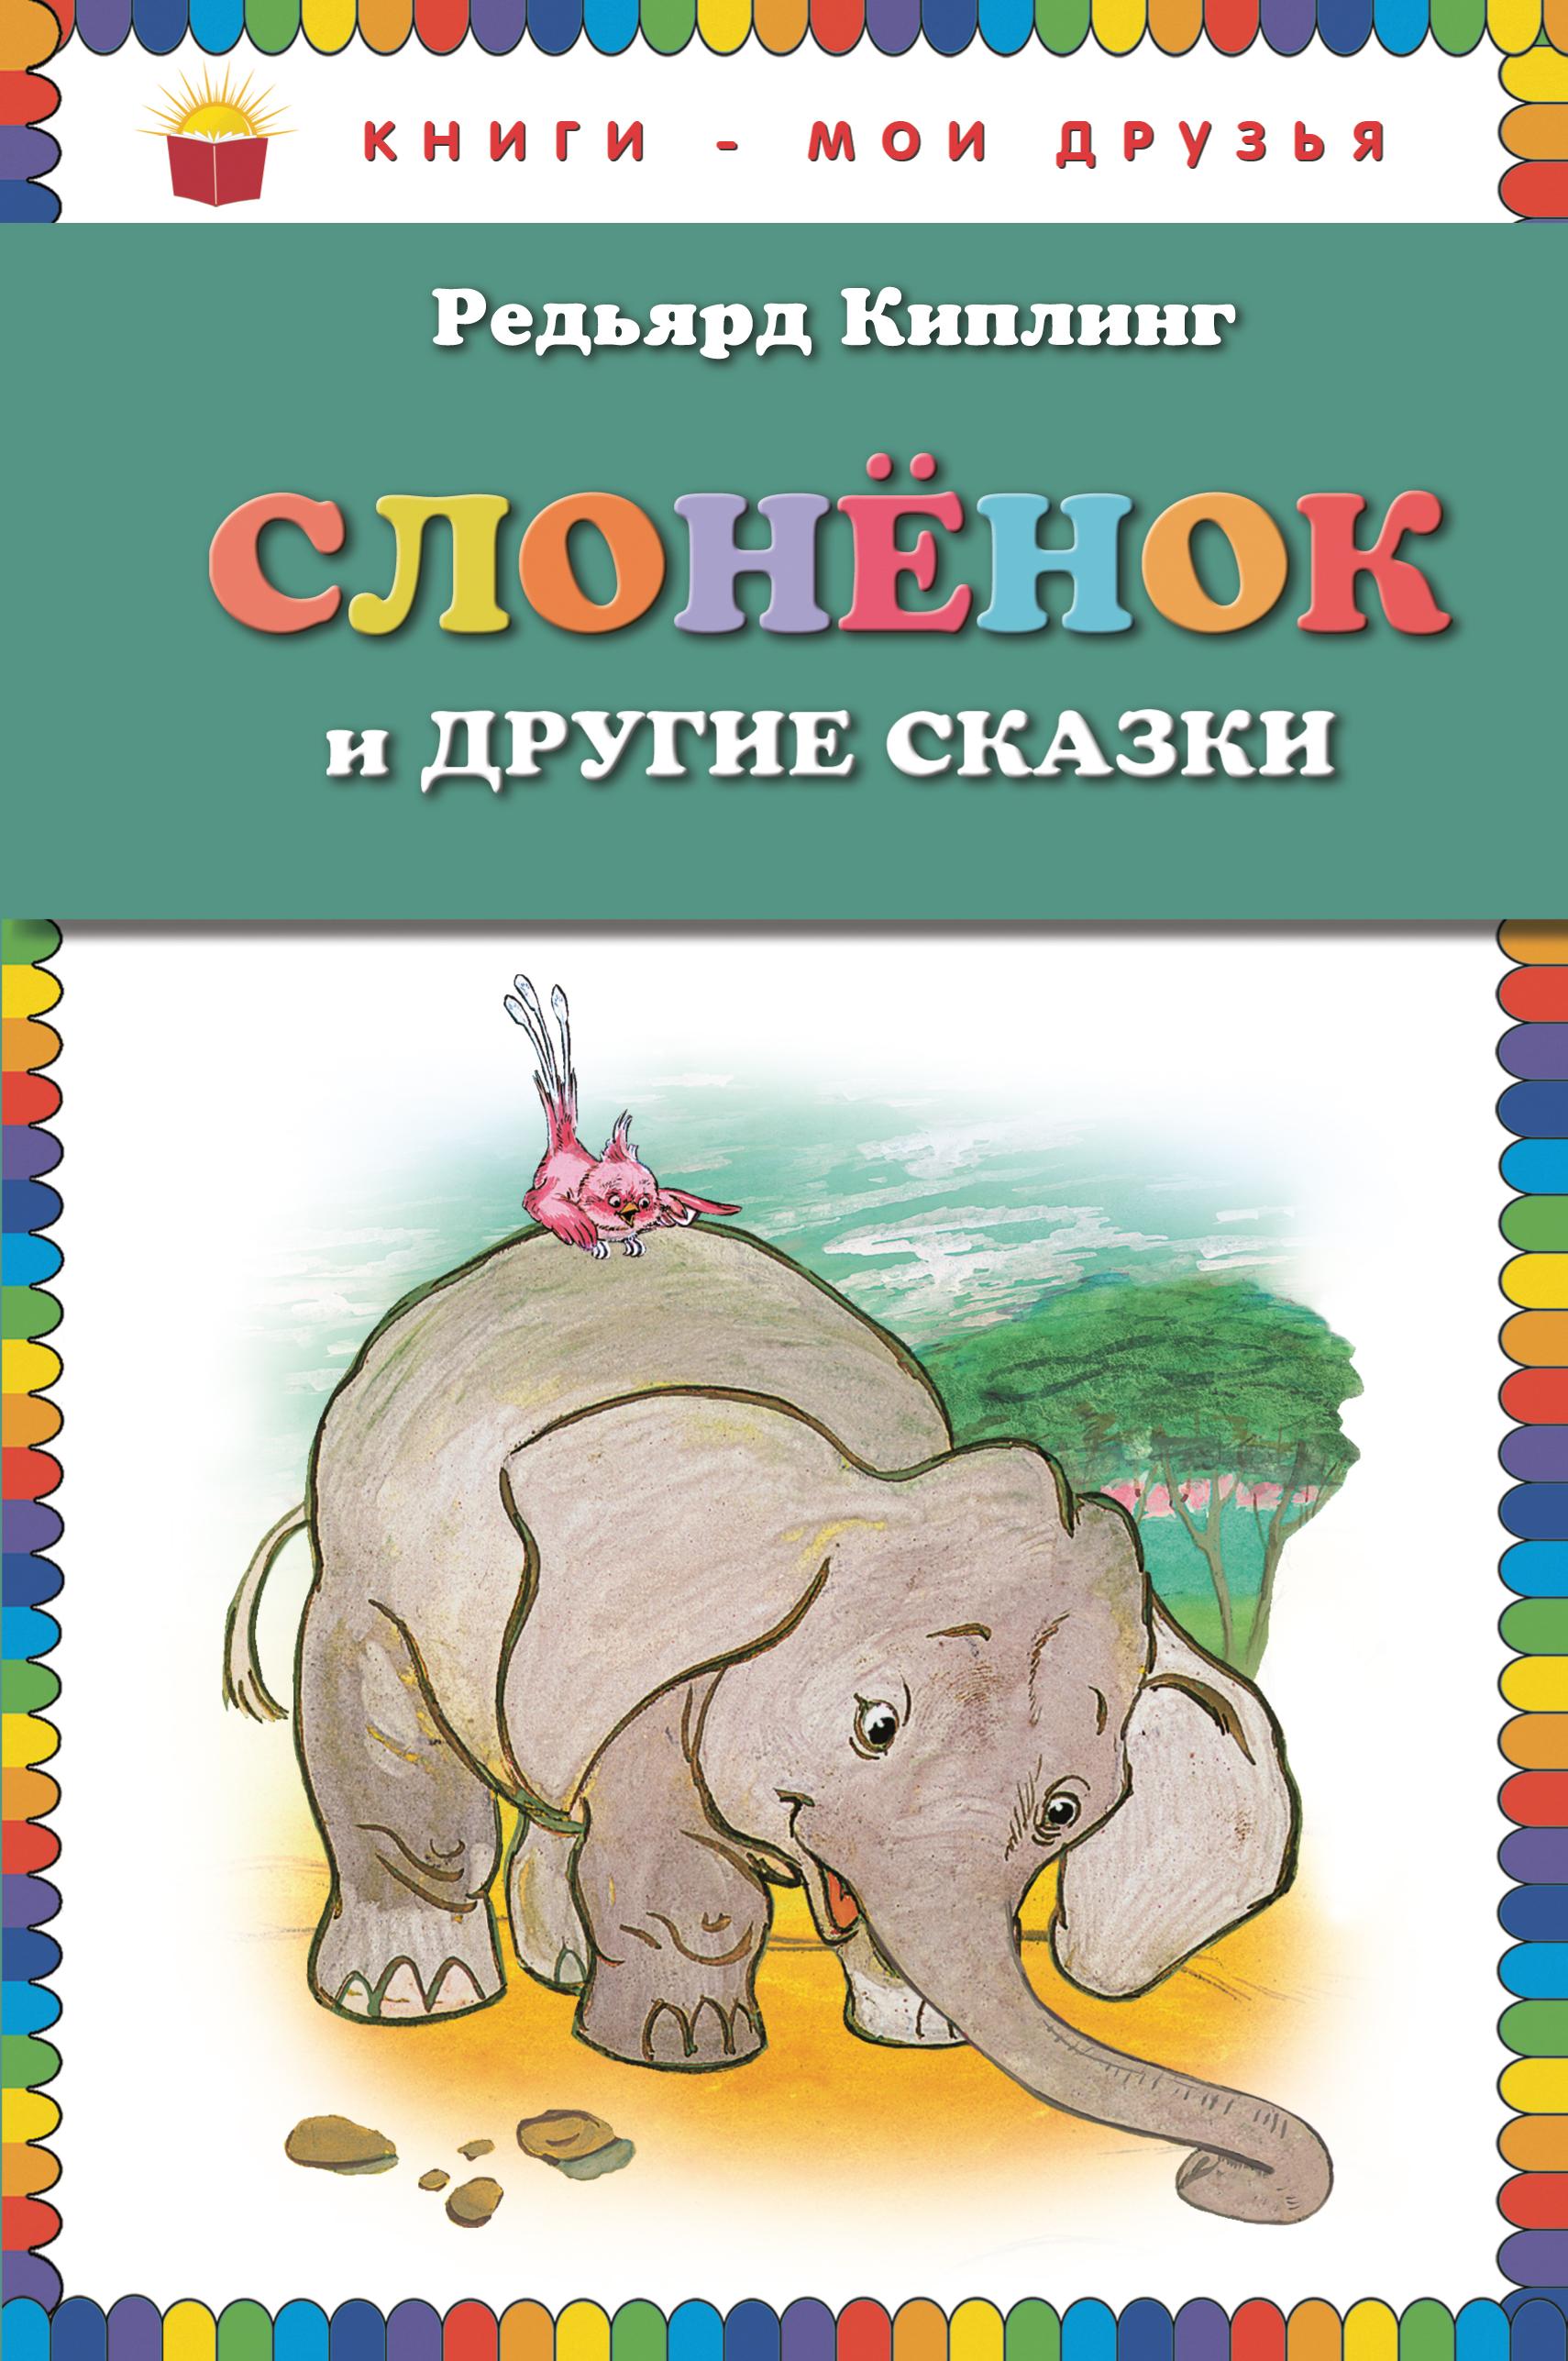 Слоненок и другие сказки_ (ил. Г. Золотовской)